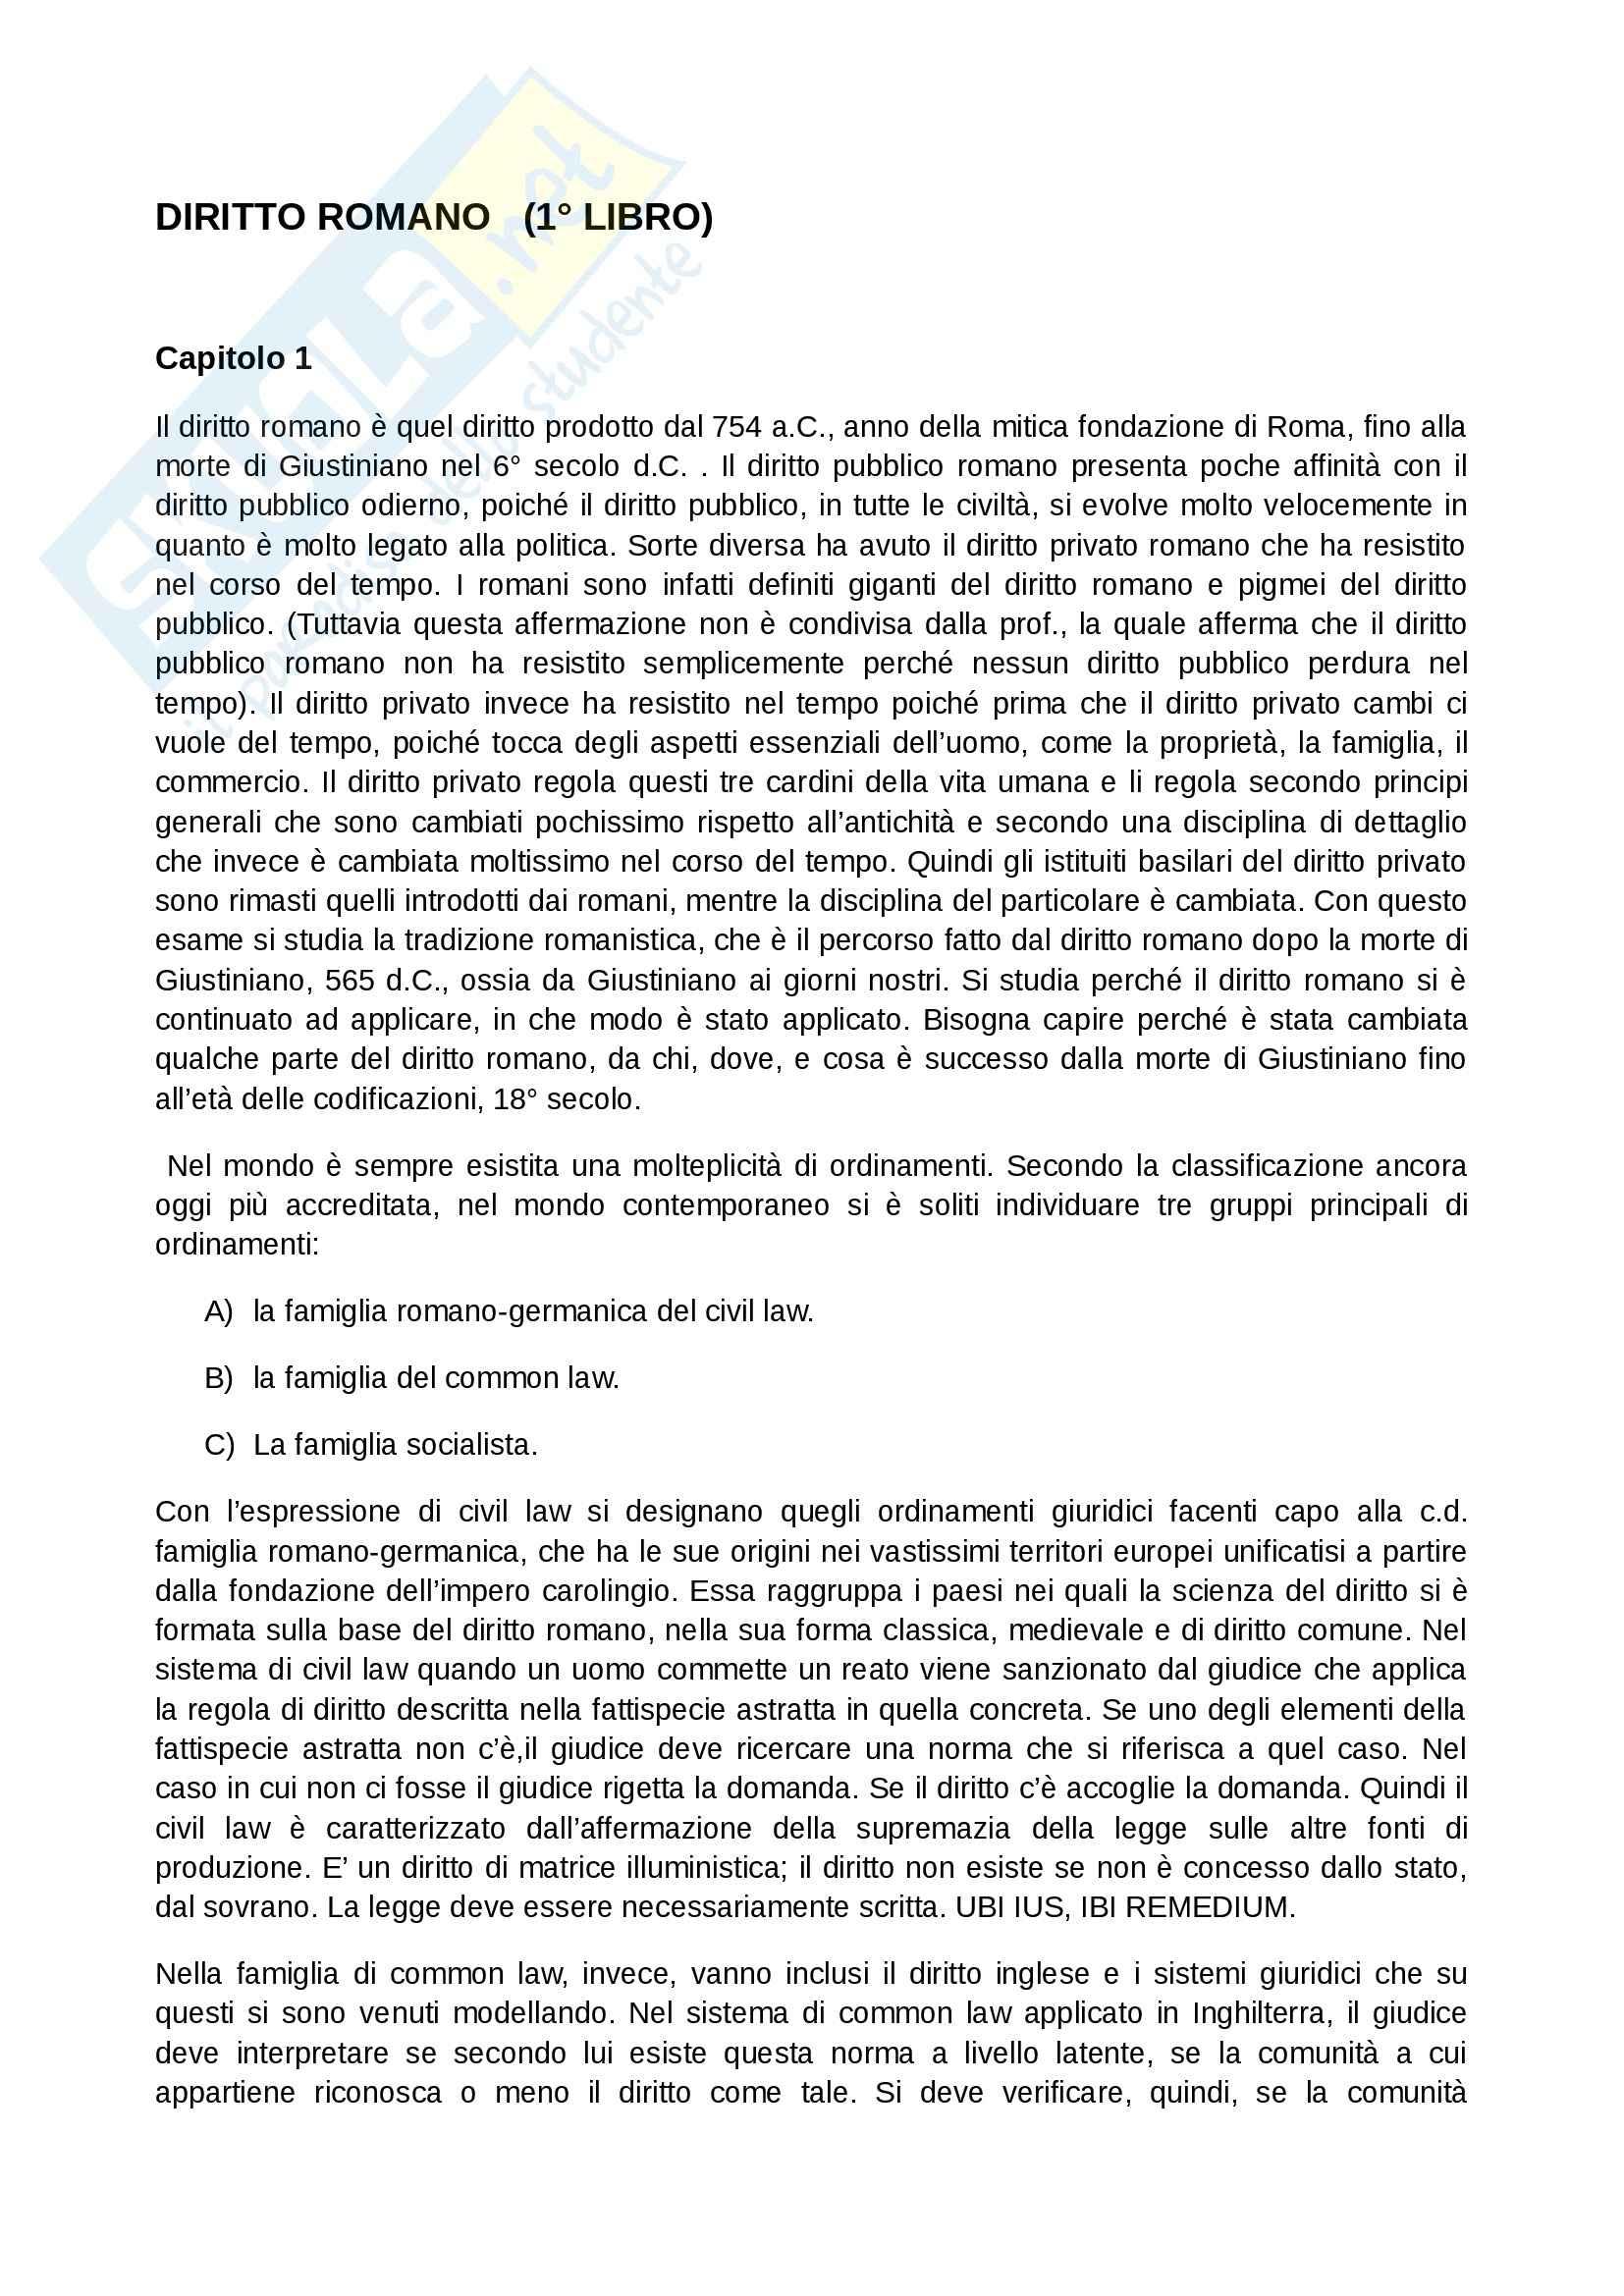 Diritto romano -  concetti e nozioni